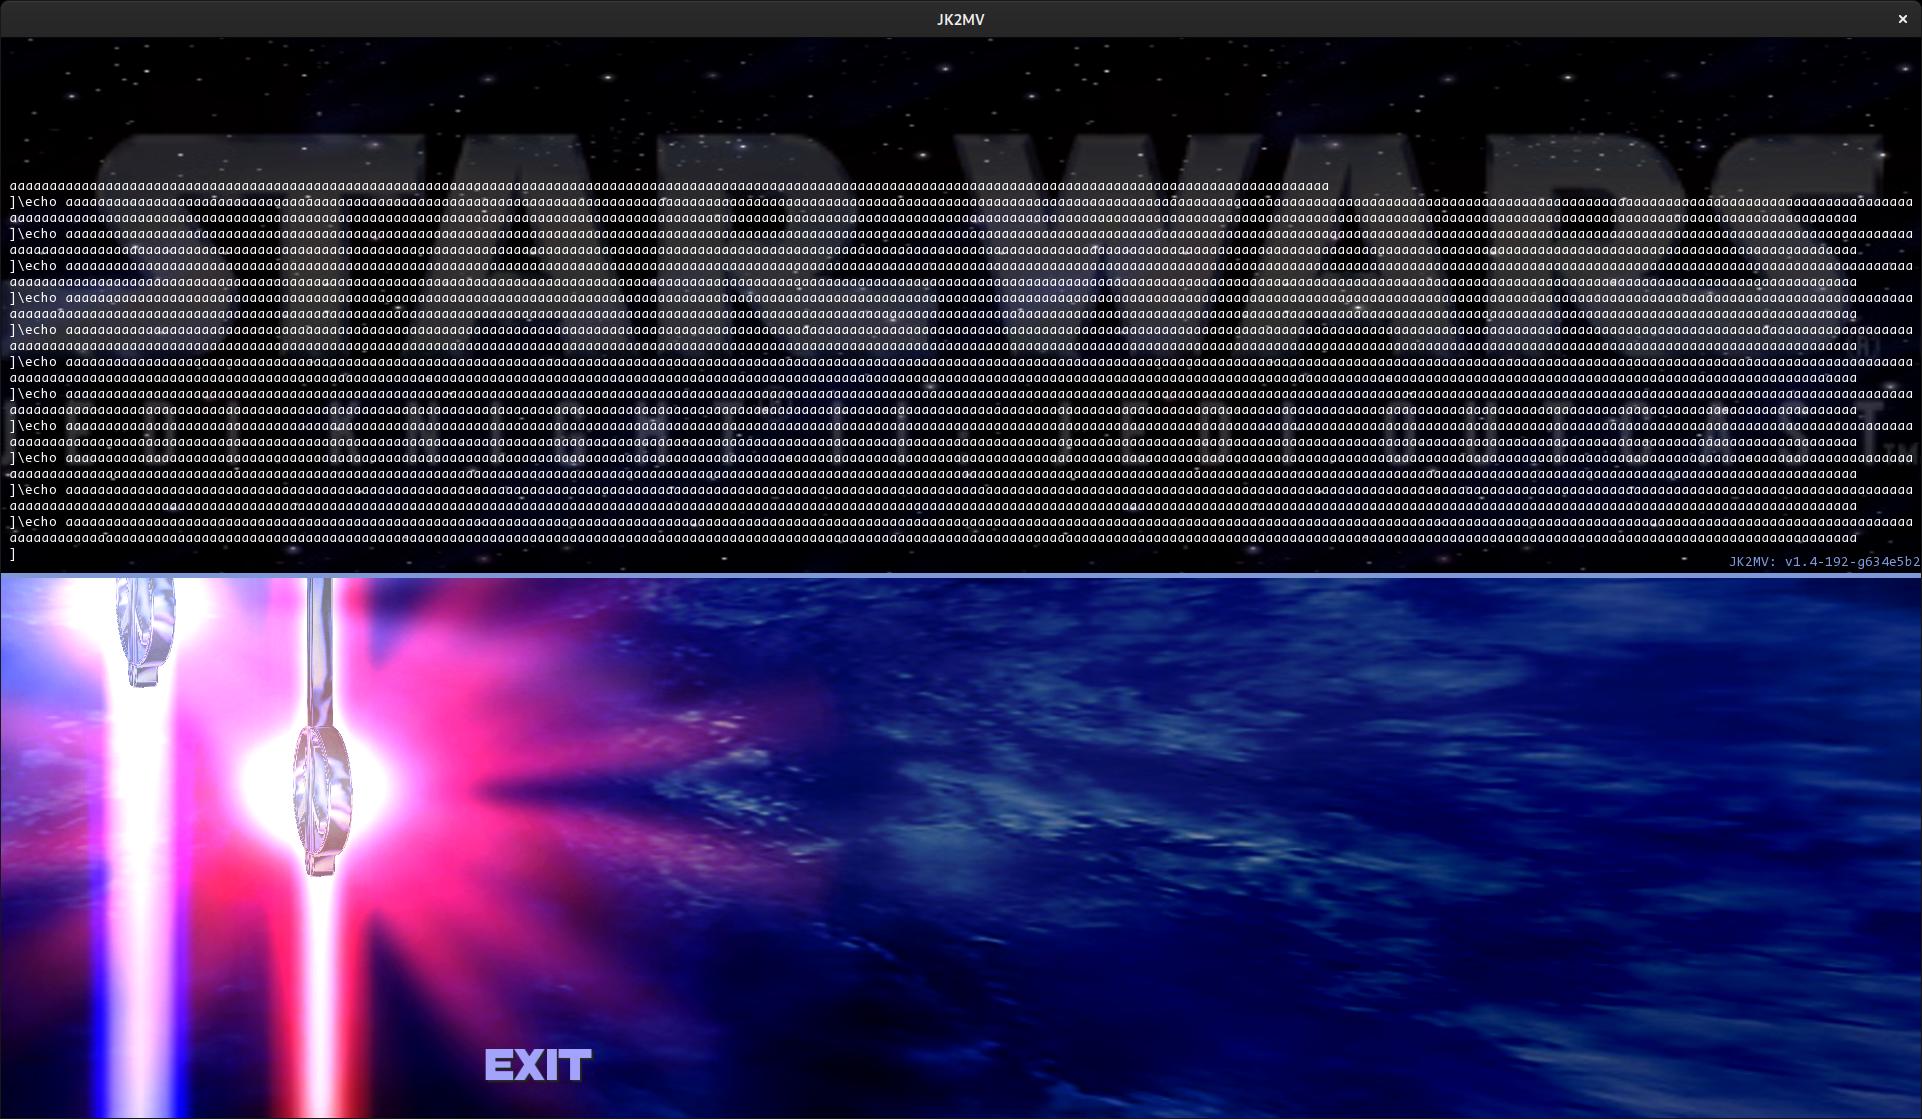 Screenshot from 2020-04-26 20-34-17